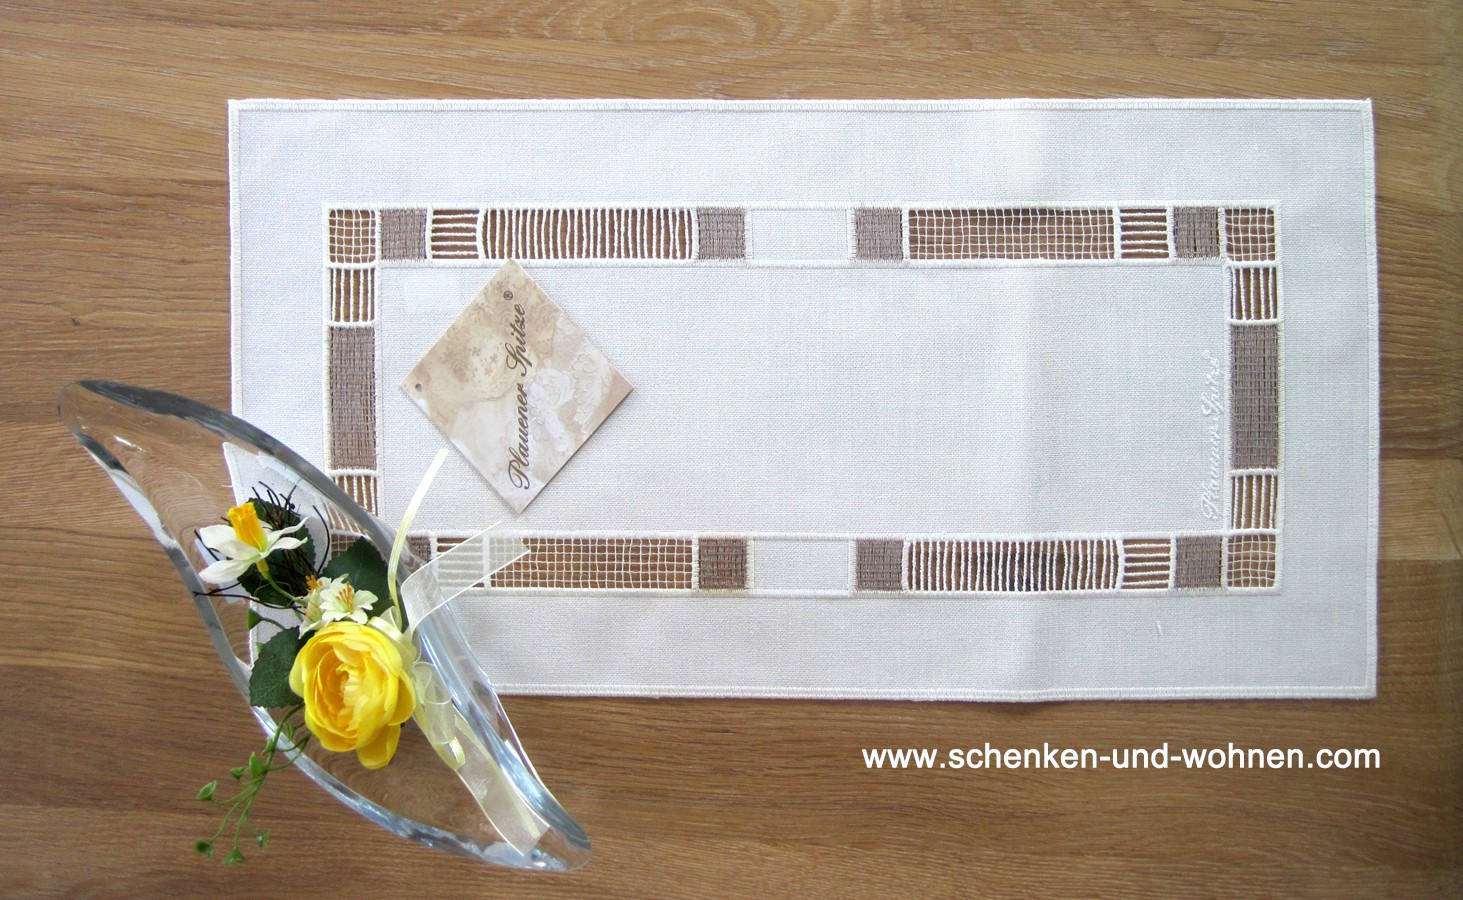 Tischläufer 25x50 cm eckig ecru-bronze Plauener Spitze